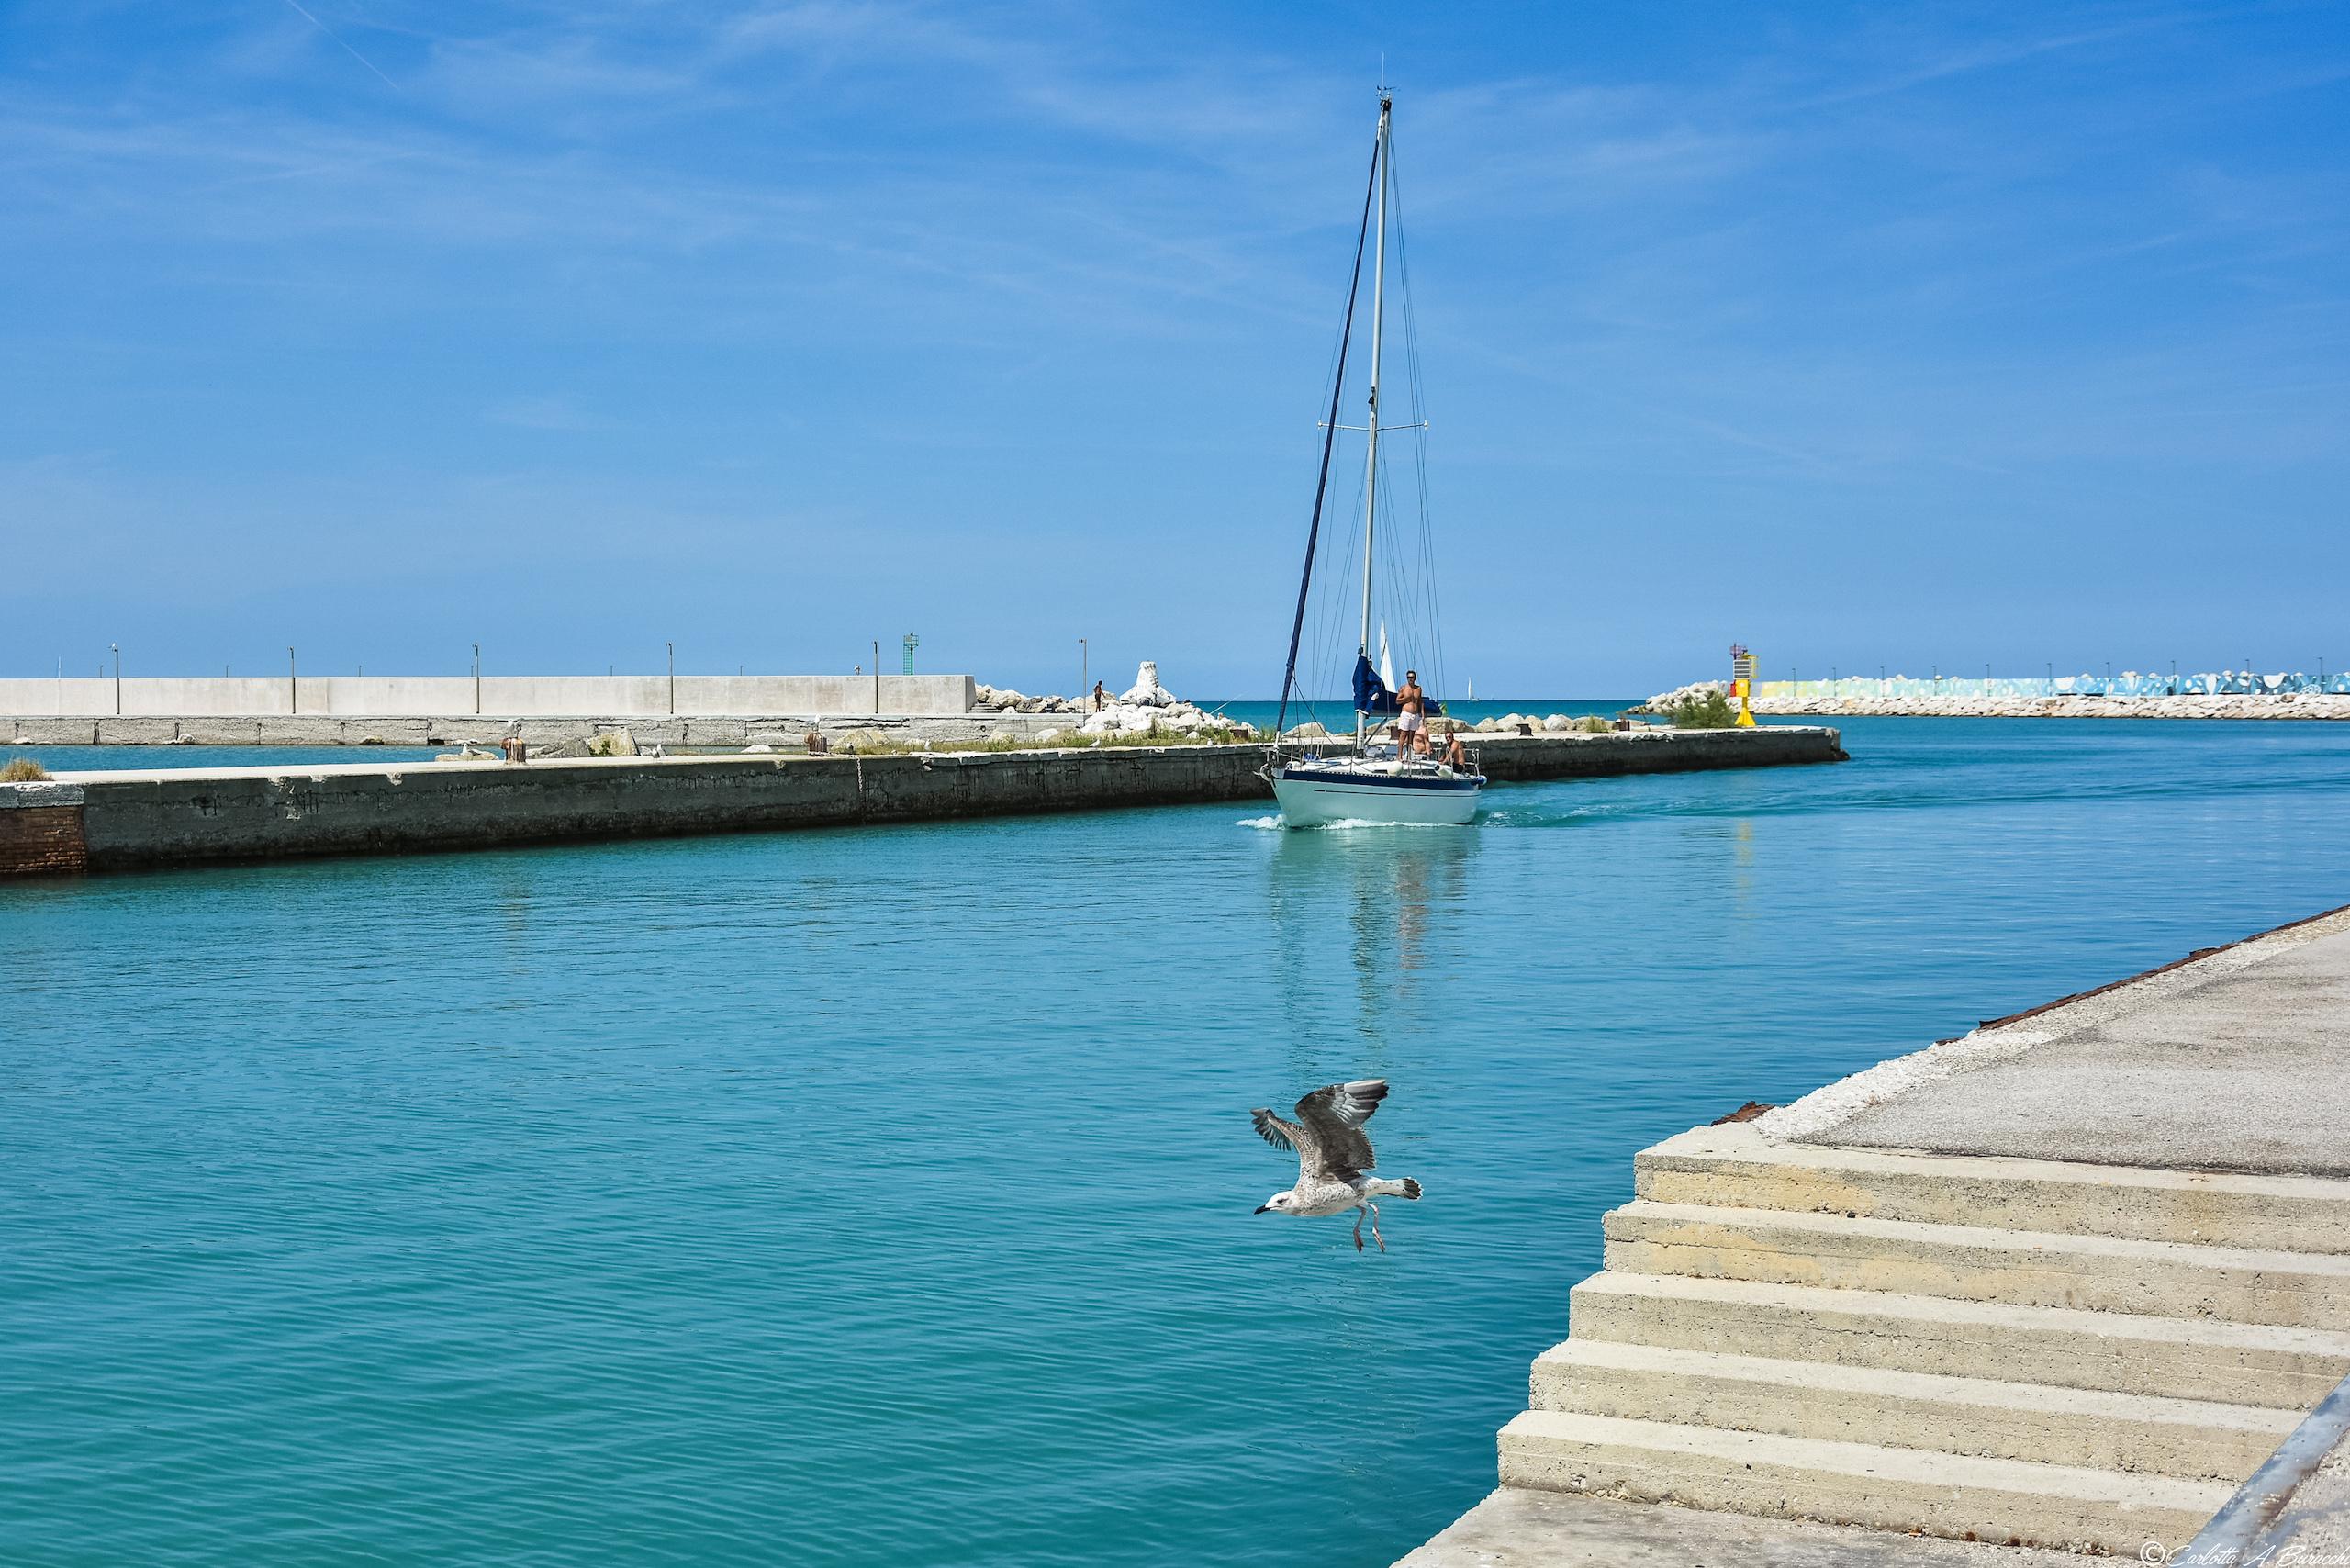 Le acque turchine del canale nel porto di Pesaro